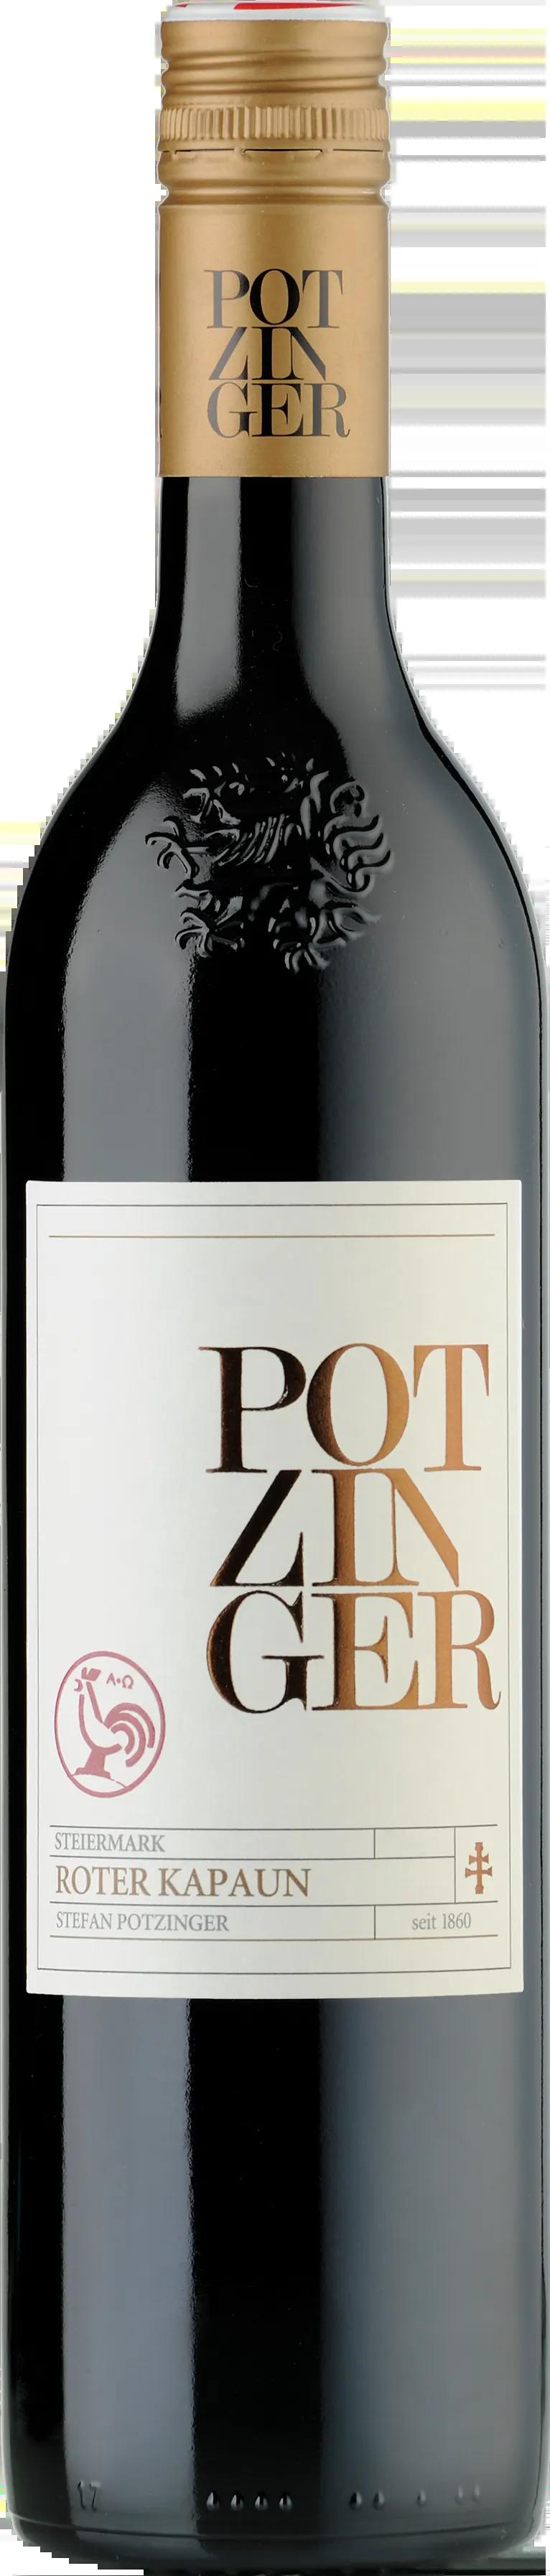 6 Flaschen Roter Kapaun | Stefan Potzinger | 2015 | 0,75 Liter